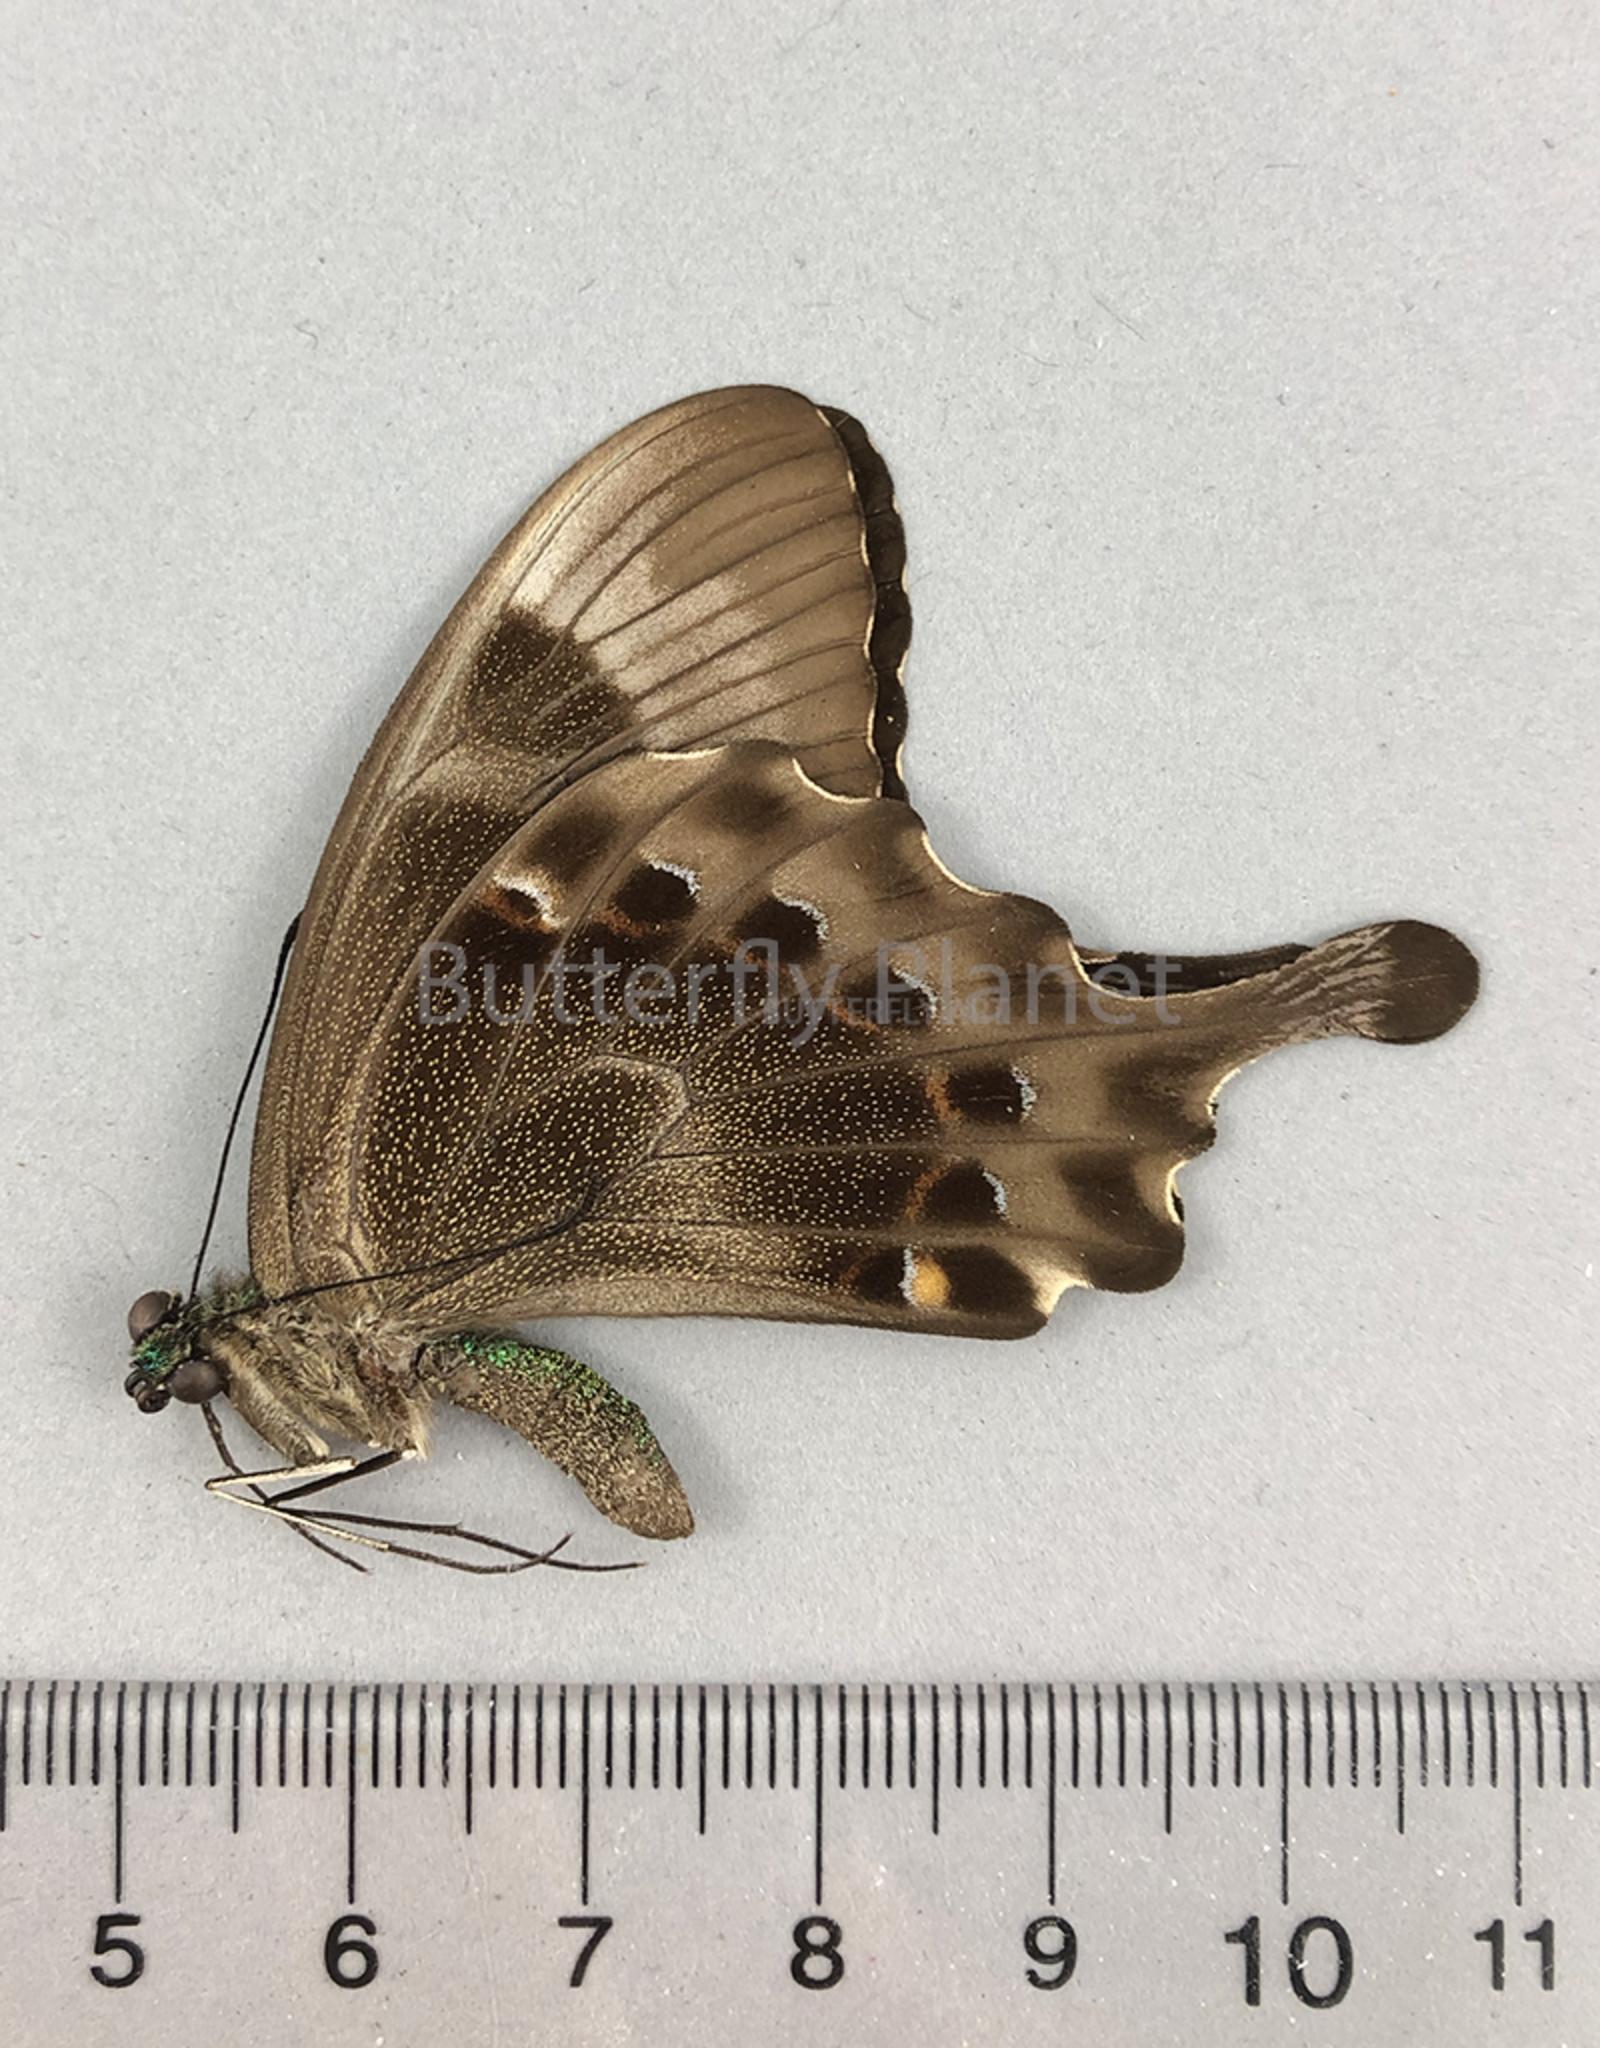 Graphium rhesus rhesulus M A1- Sulawesi, Indonesia